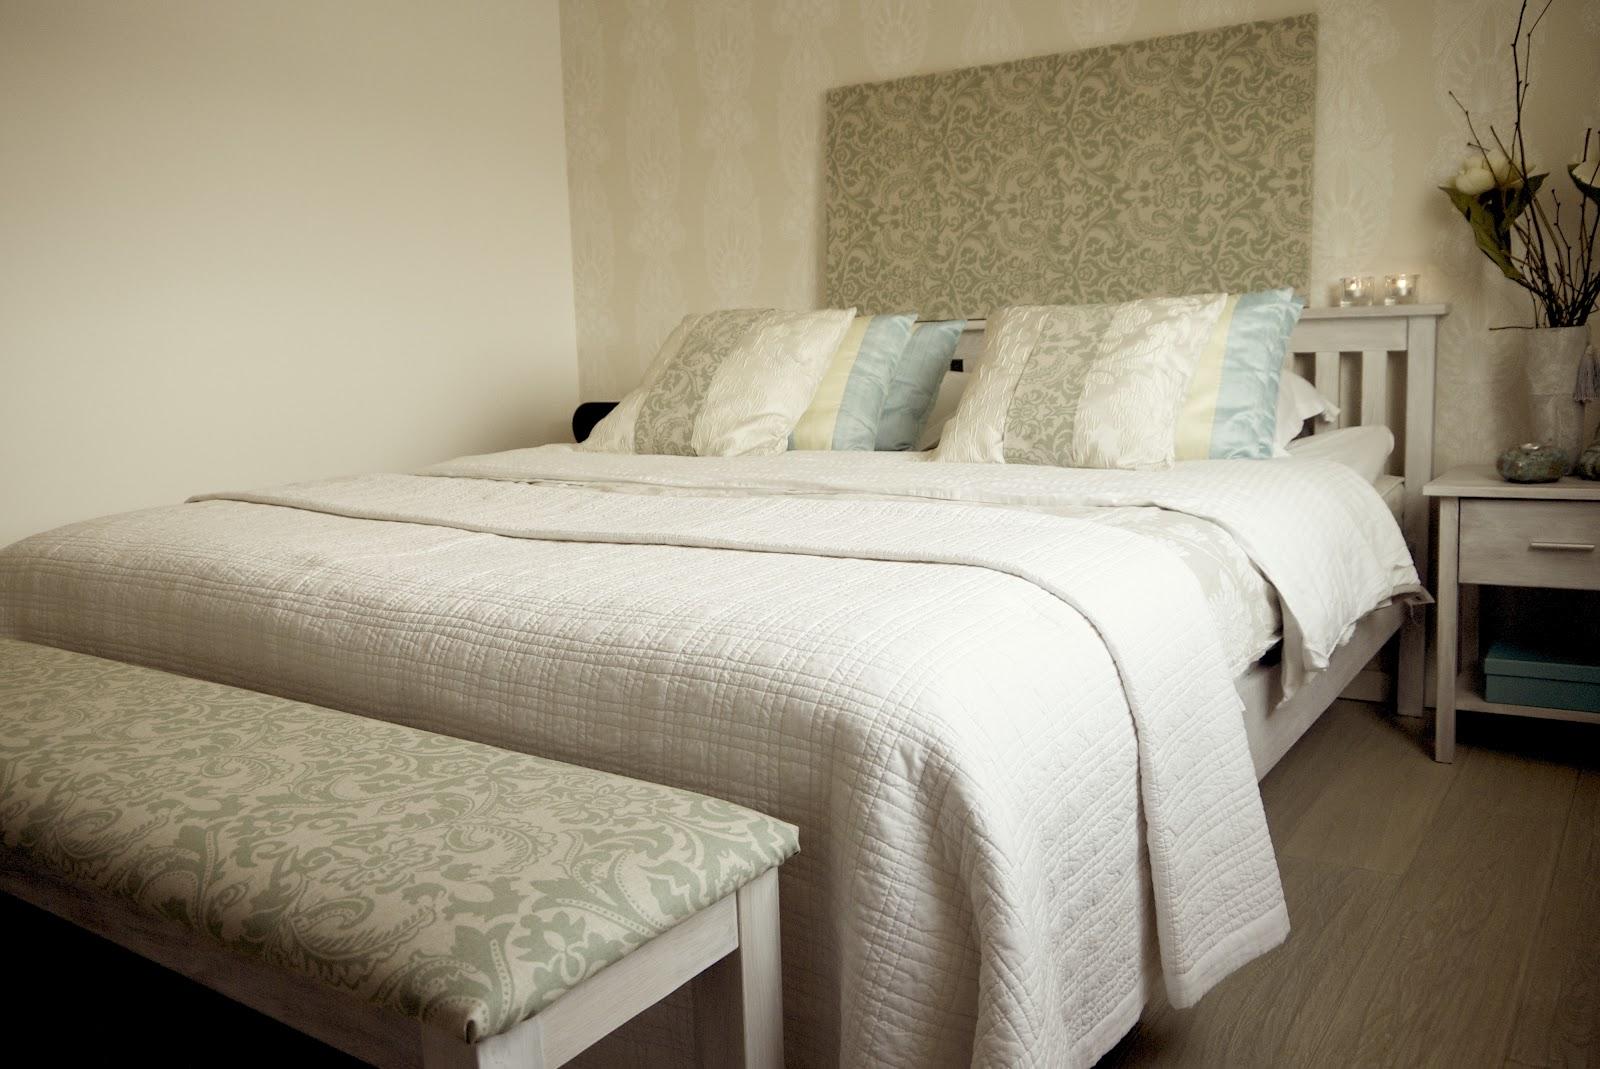 Lannas68kvm: sovrummet, skapa din hotell känsla!